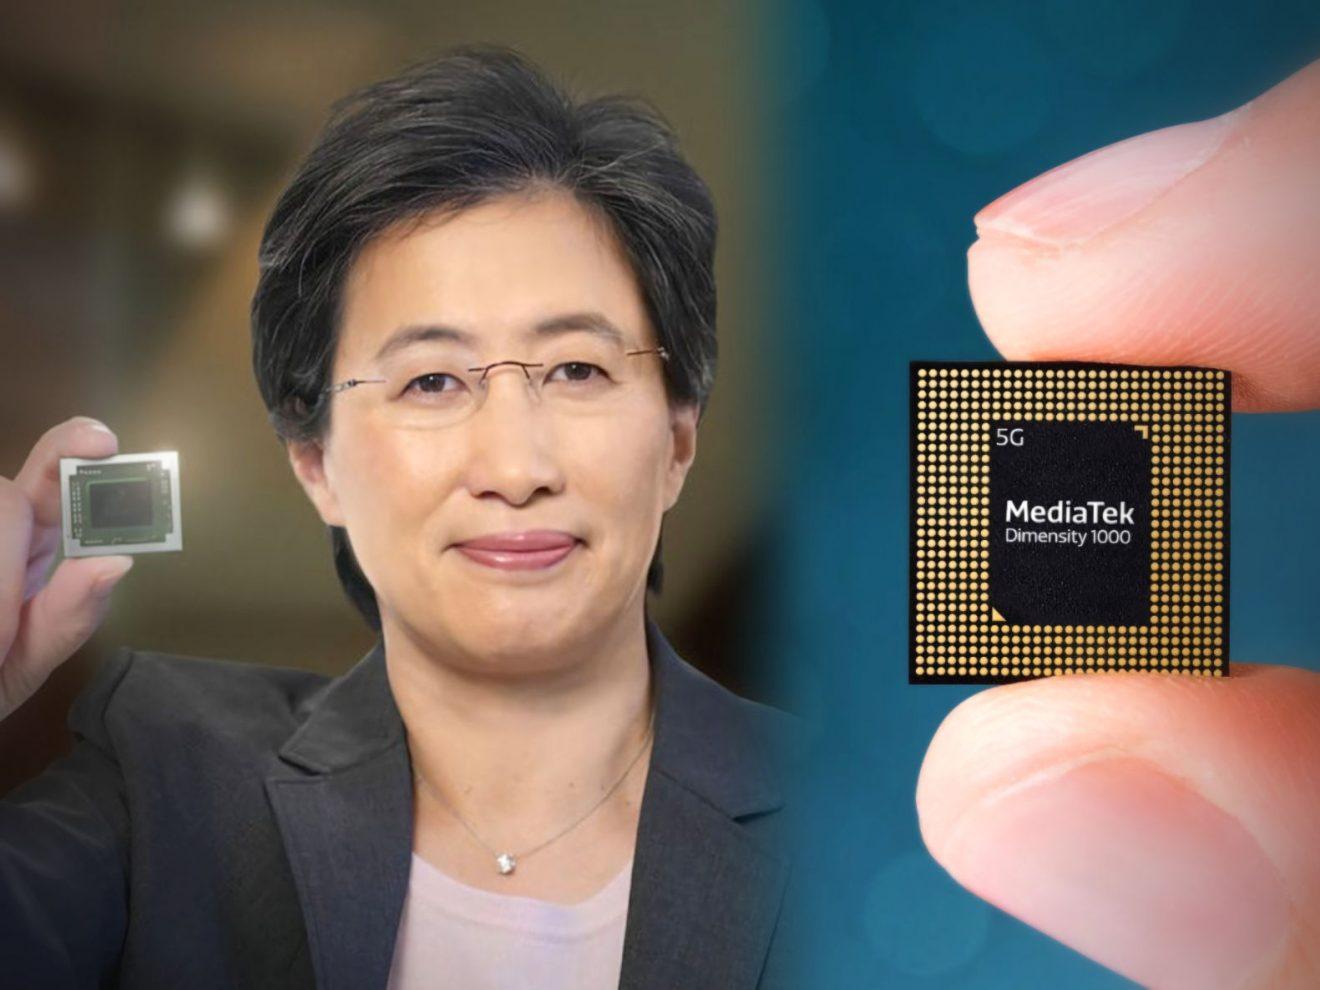 AMD ile MediaTek